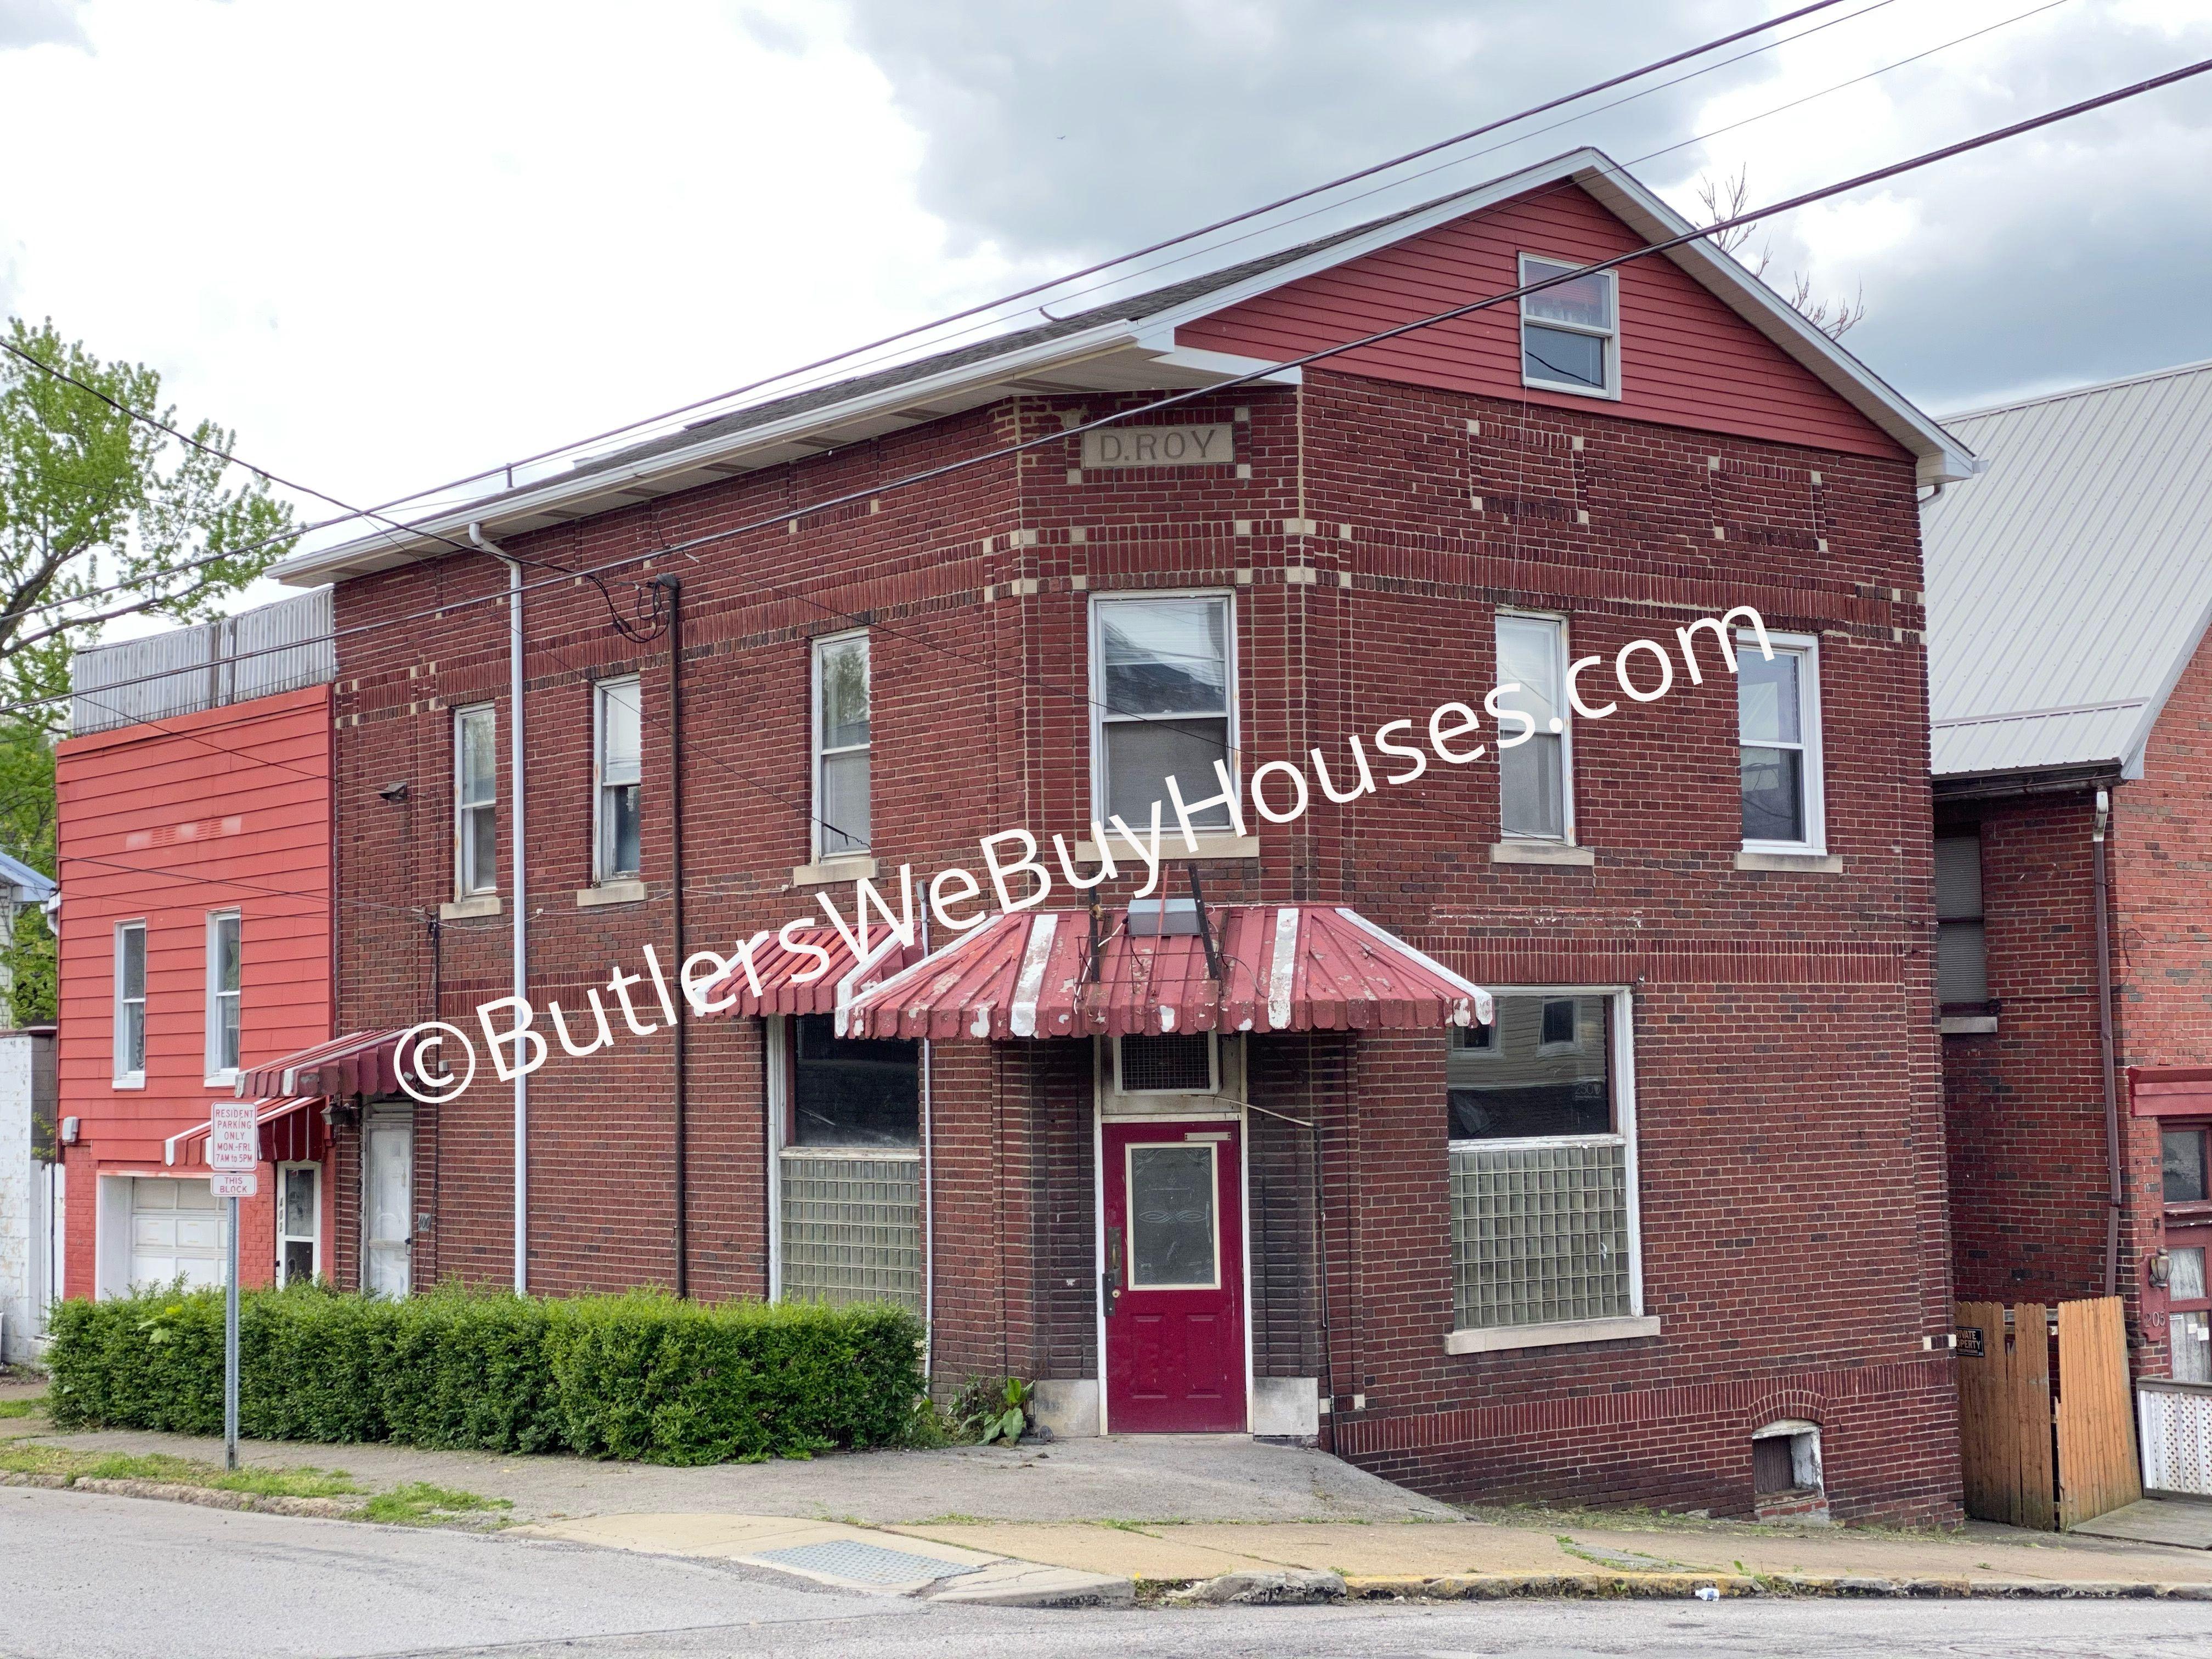 400 404 S Washington St, Butler, PA